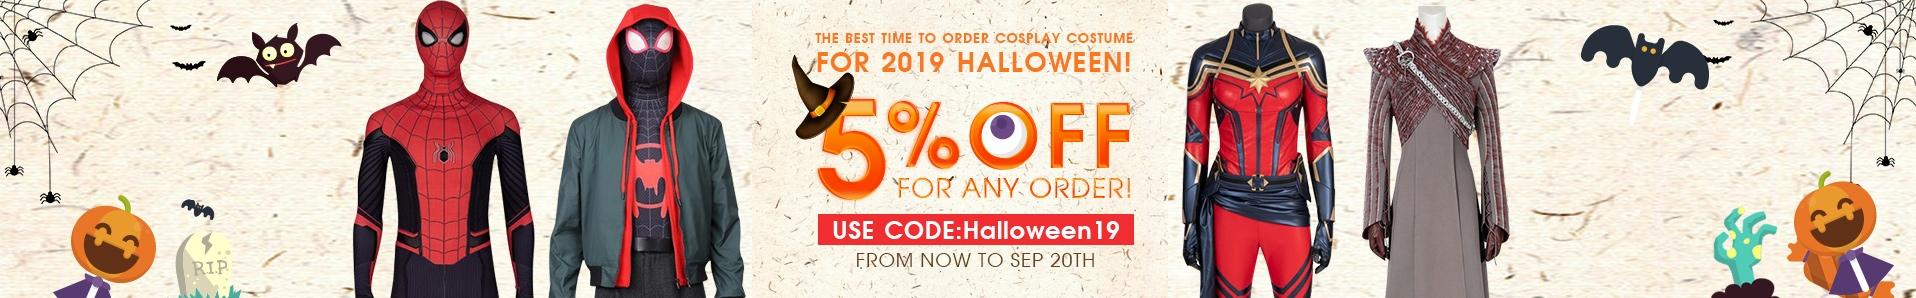 halloween 2019 simcosplay cosplay costumes